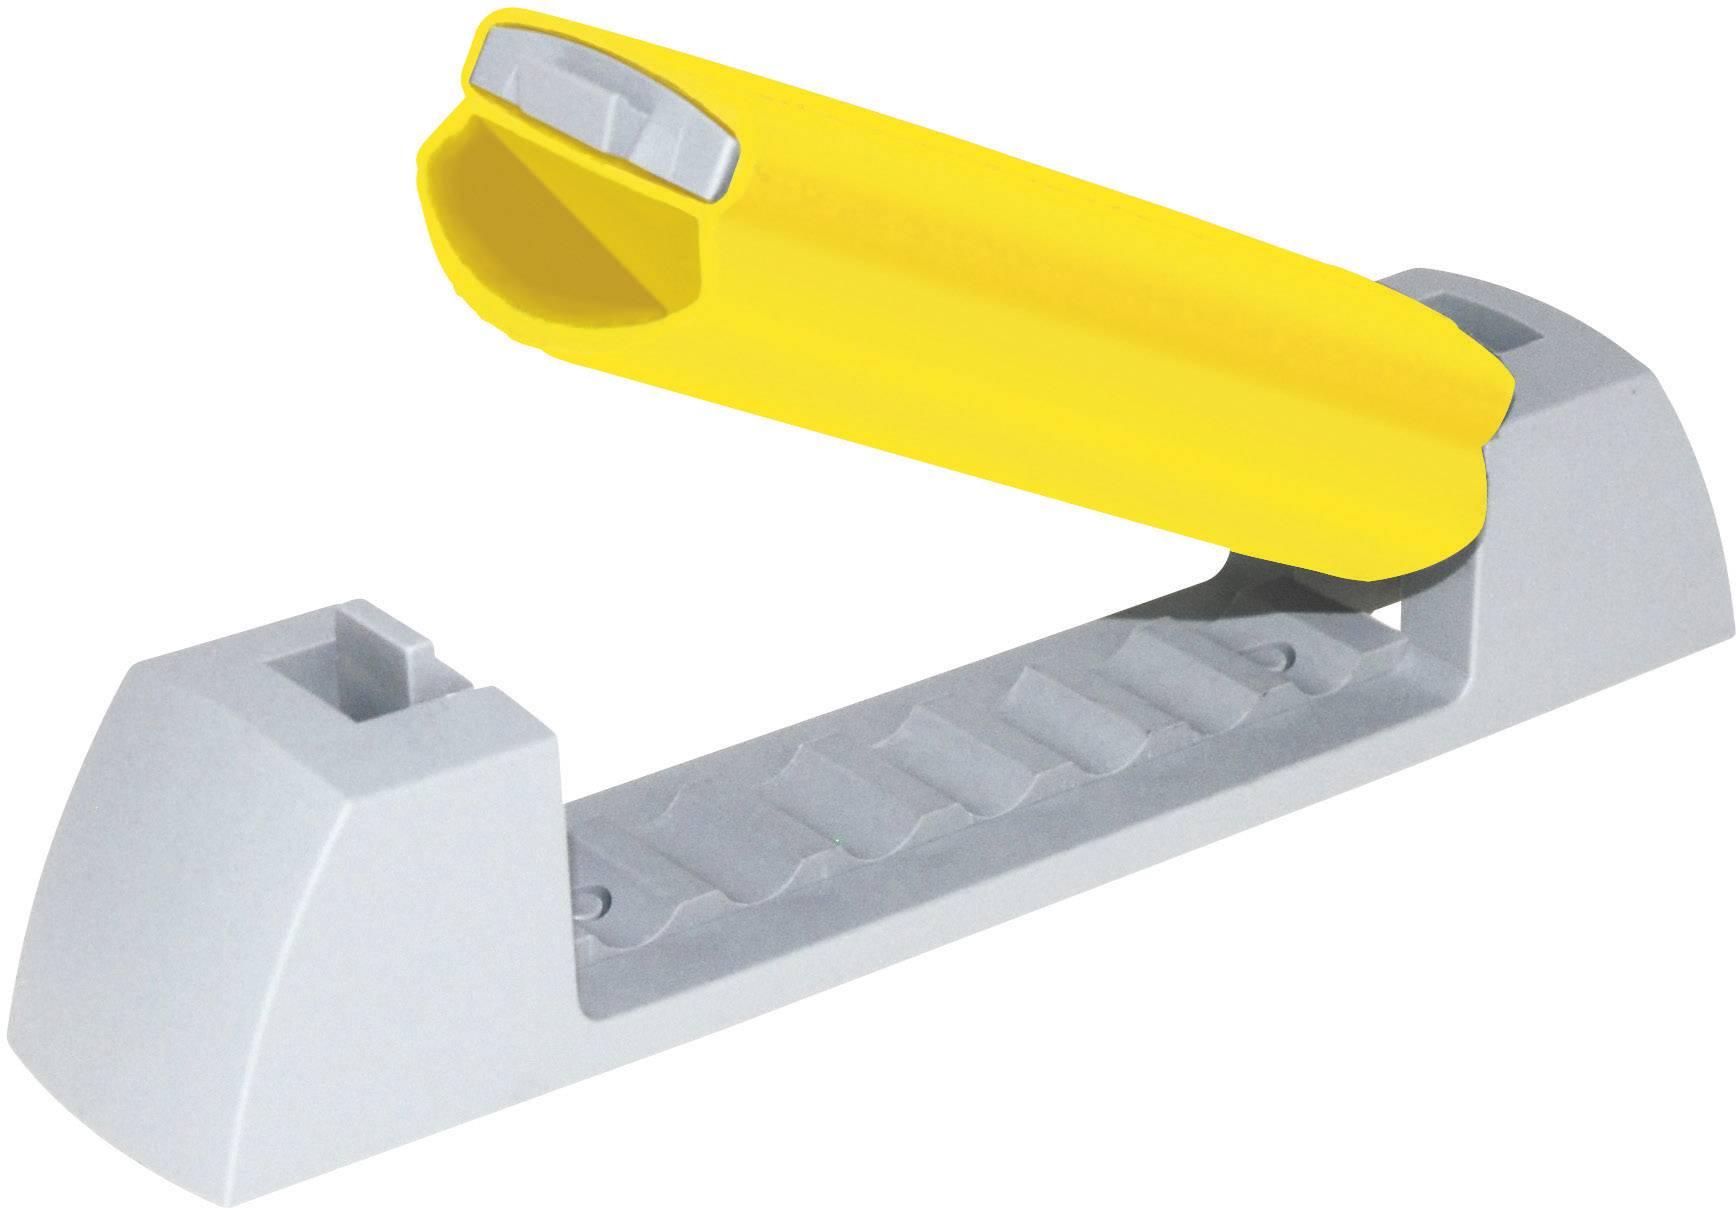 Klip k uchycení kabelů Serpa 5.07164.1003 5.07164.1003, samolepicí, 10 mm (max), světle šedá, žlutá, 1 ks